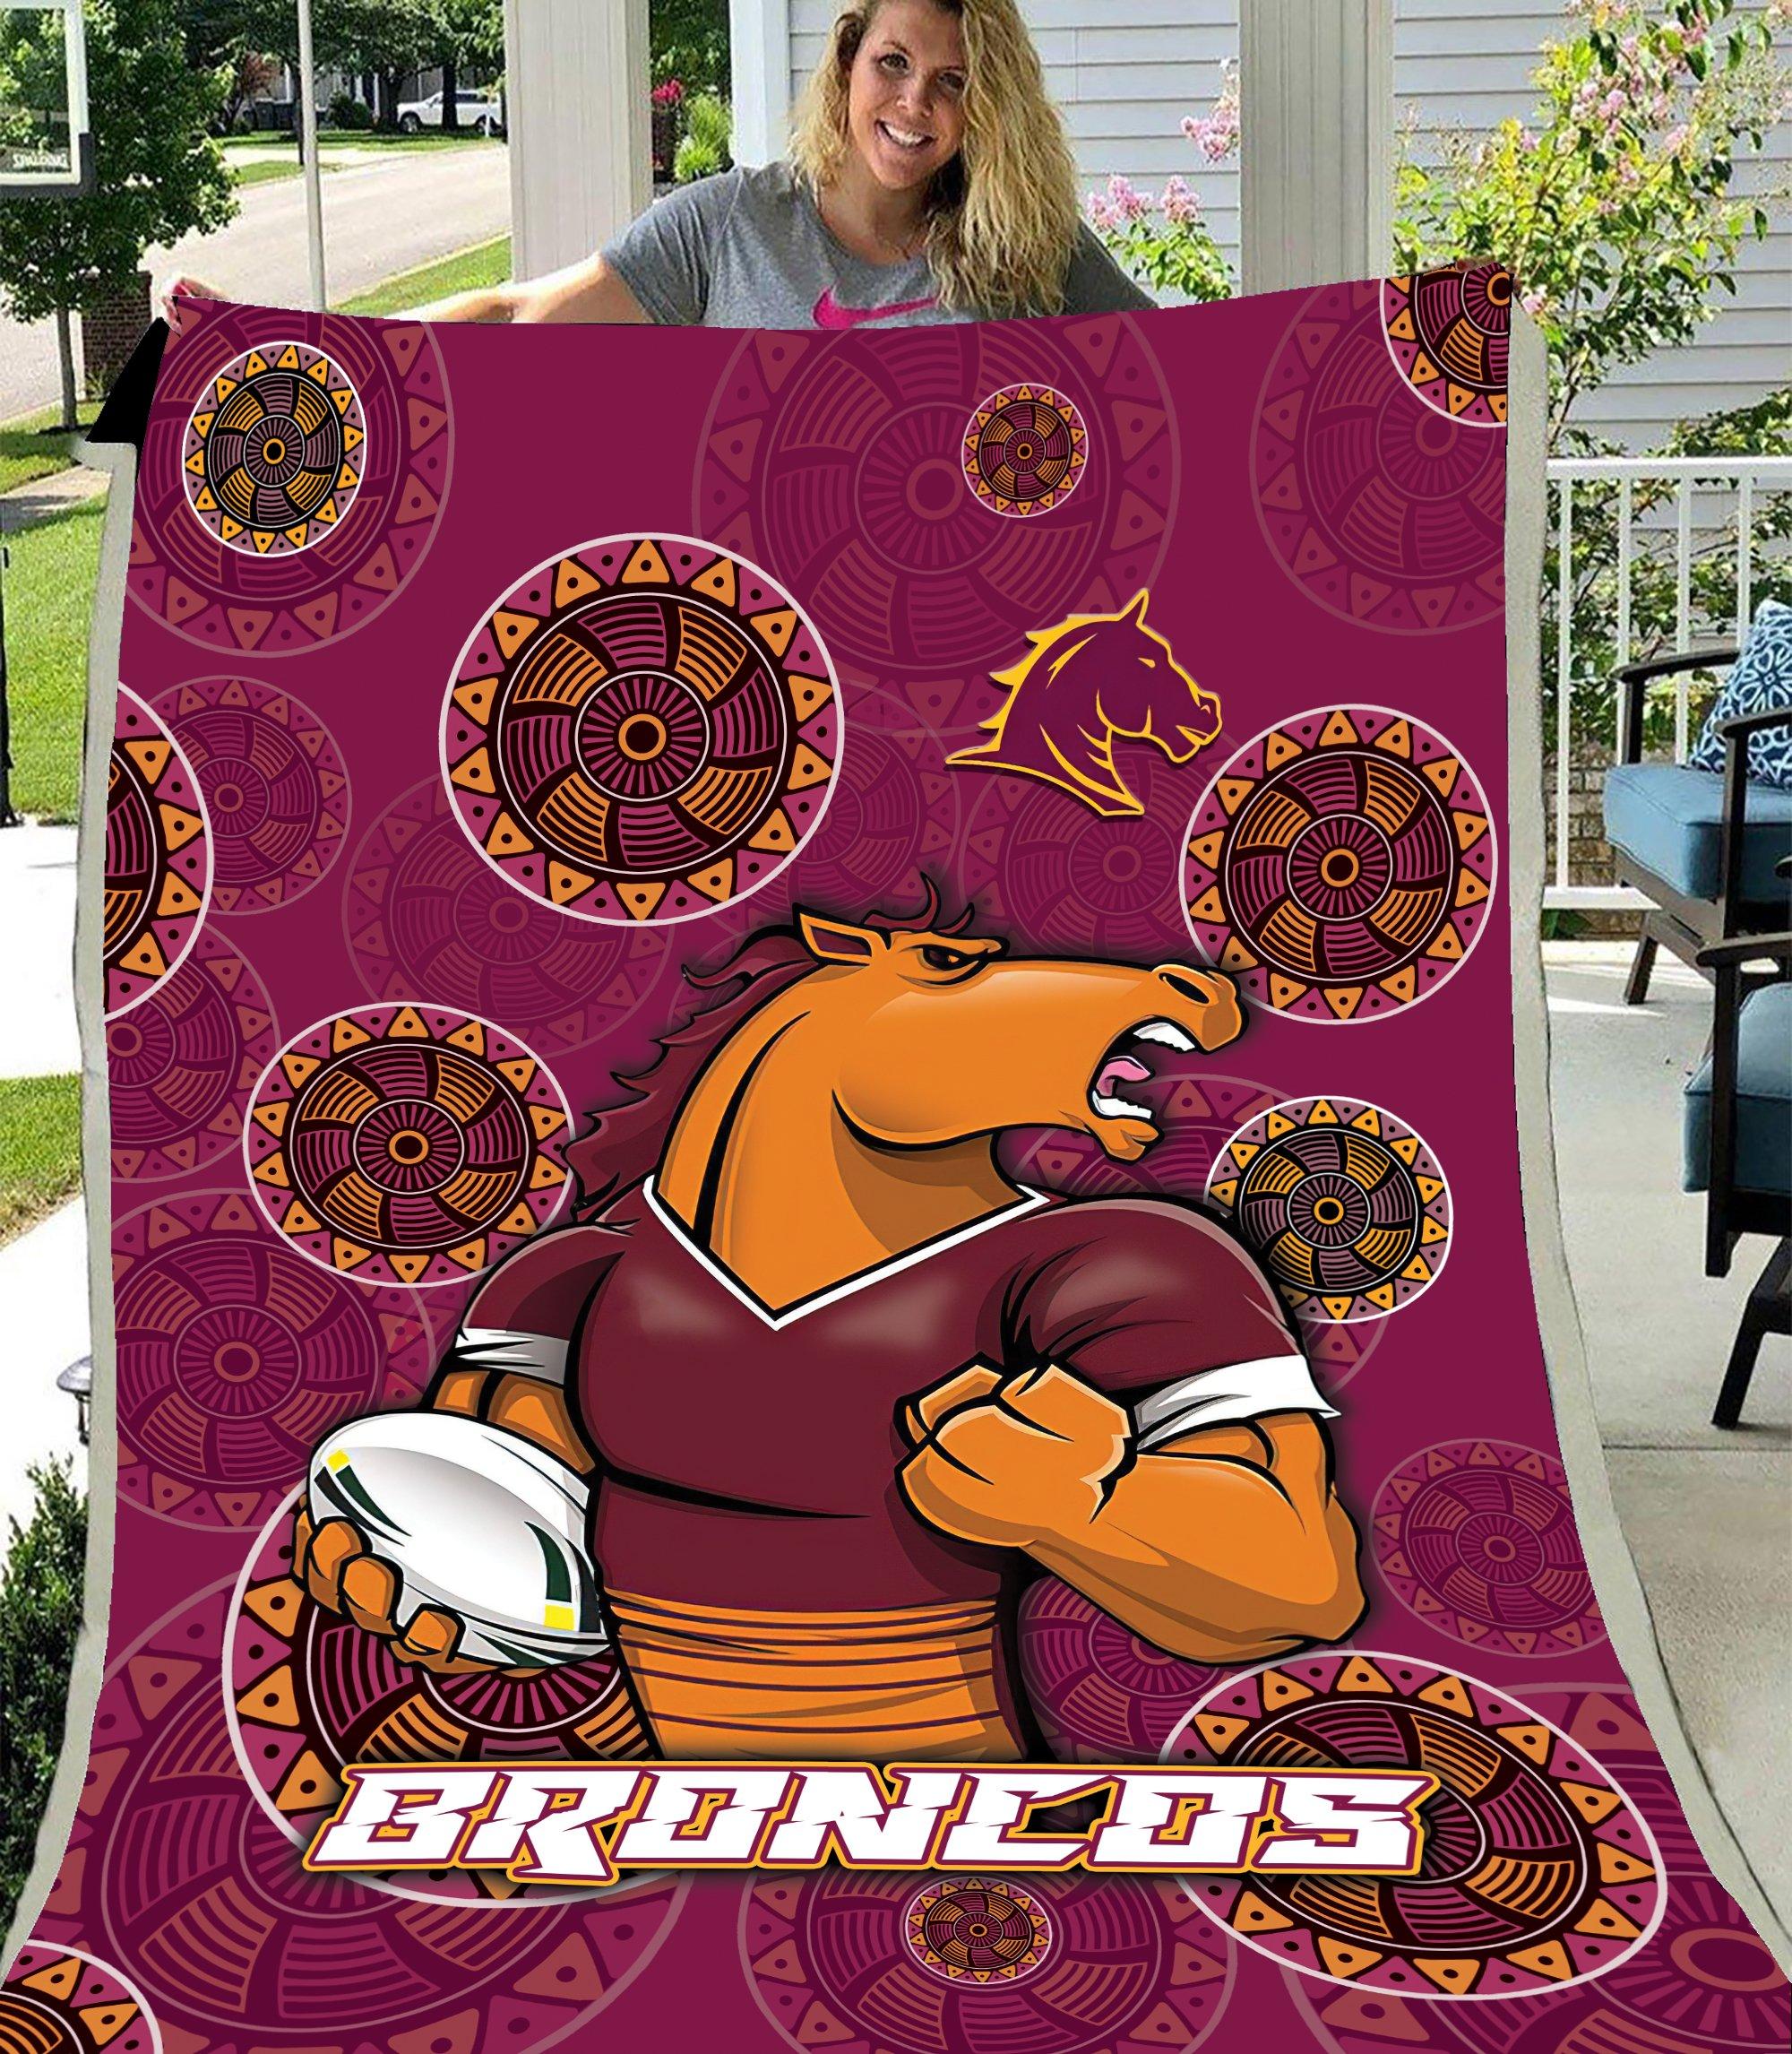 NRL Brisbane Broncos Fleece Blanket